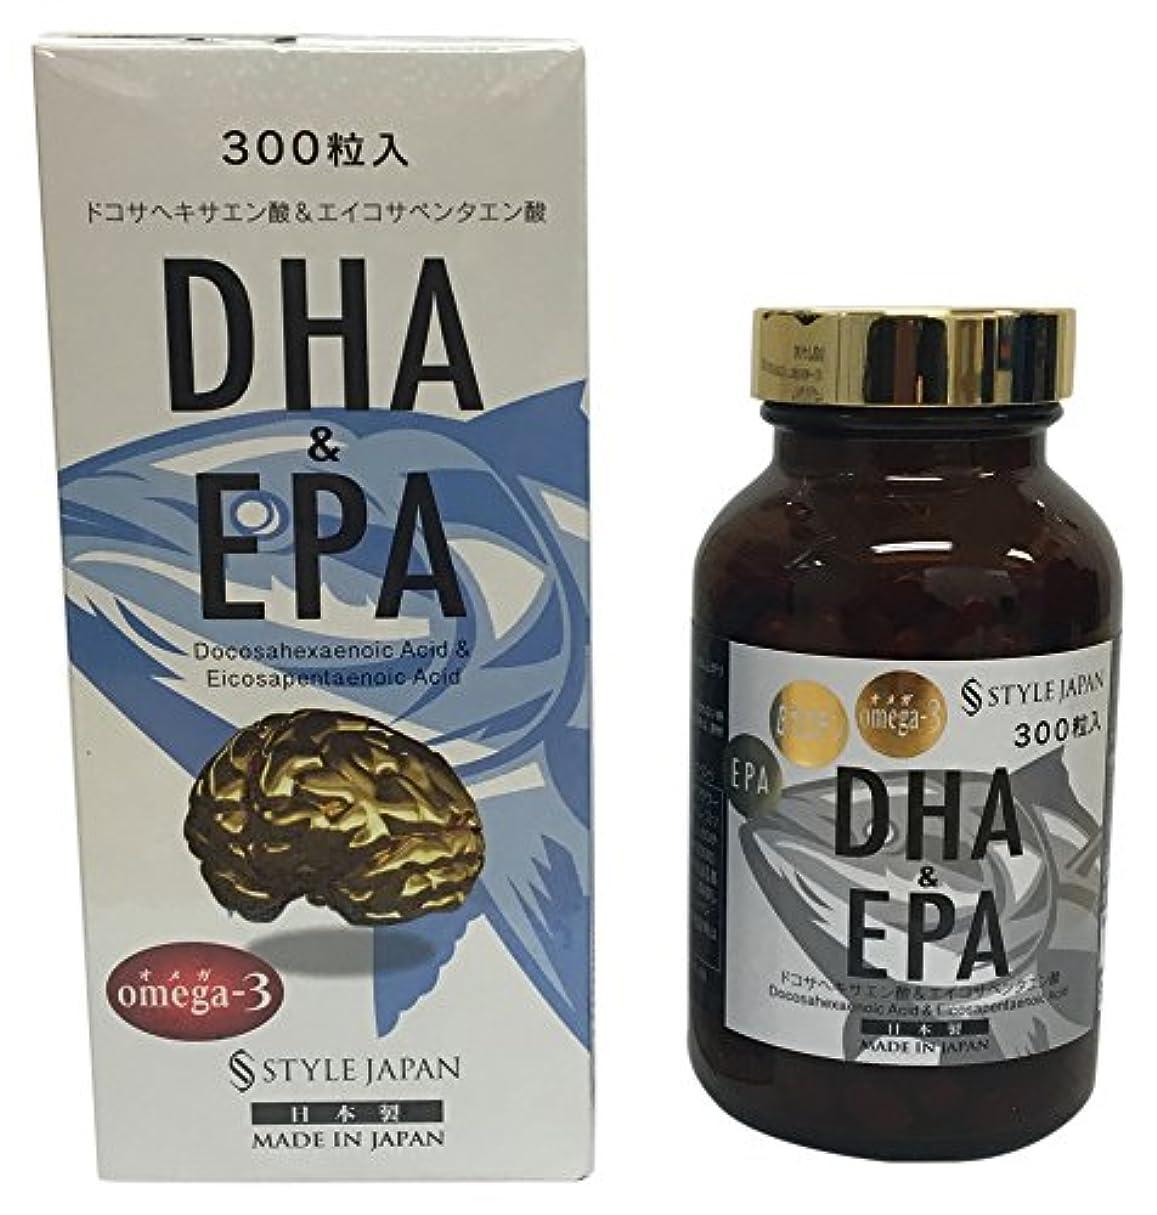 定規風邪をひく法廷スタイルジャパン DHA&EPA 300粒 90g 日本製